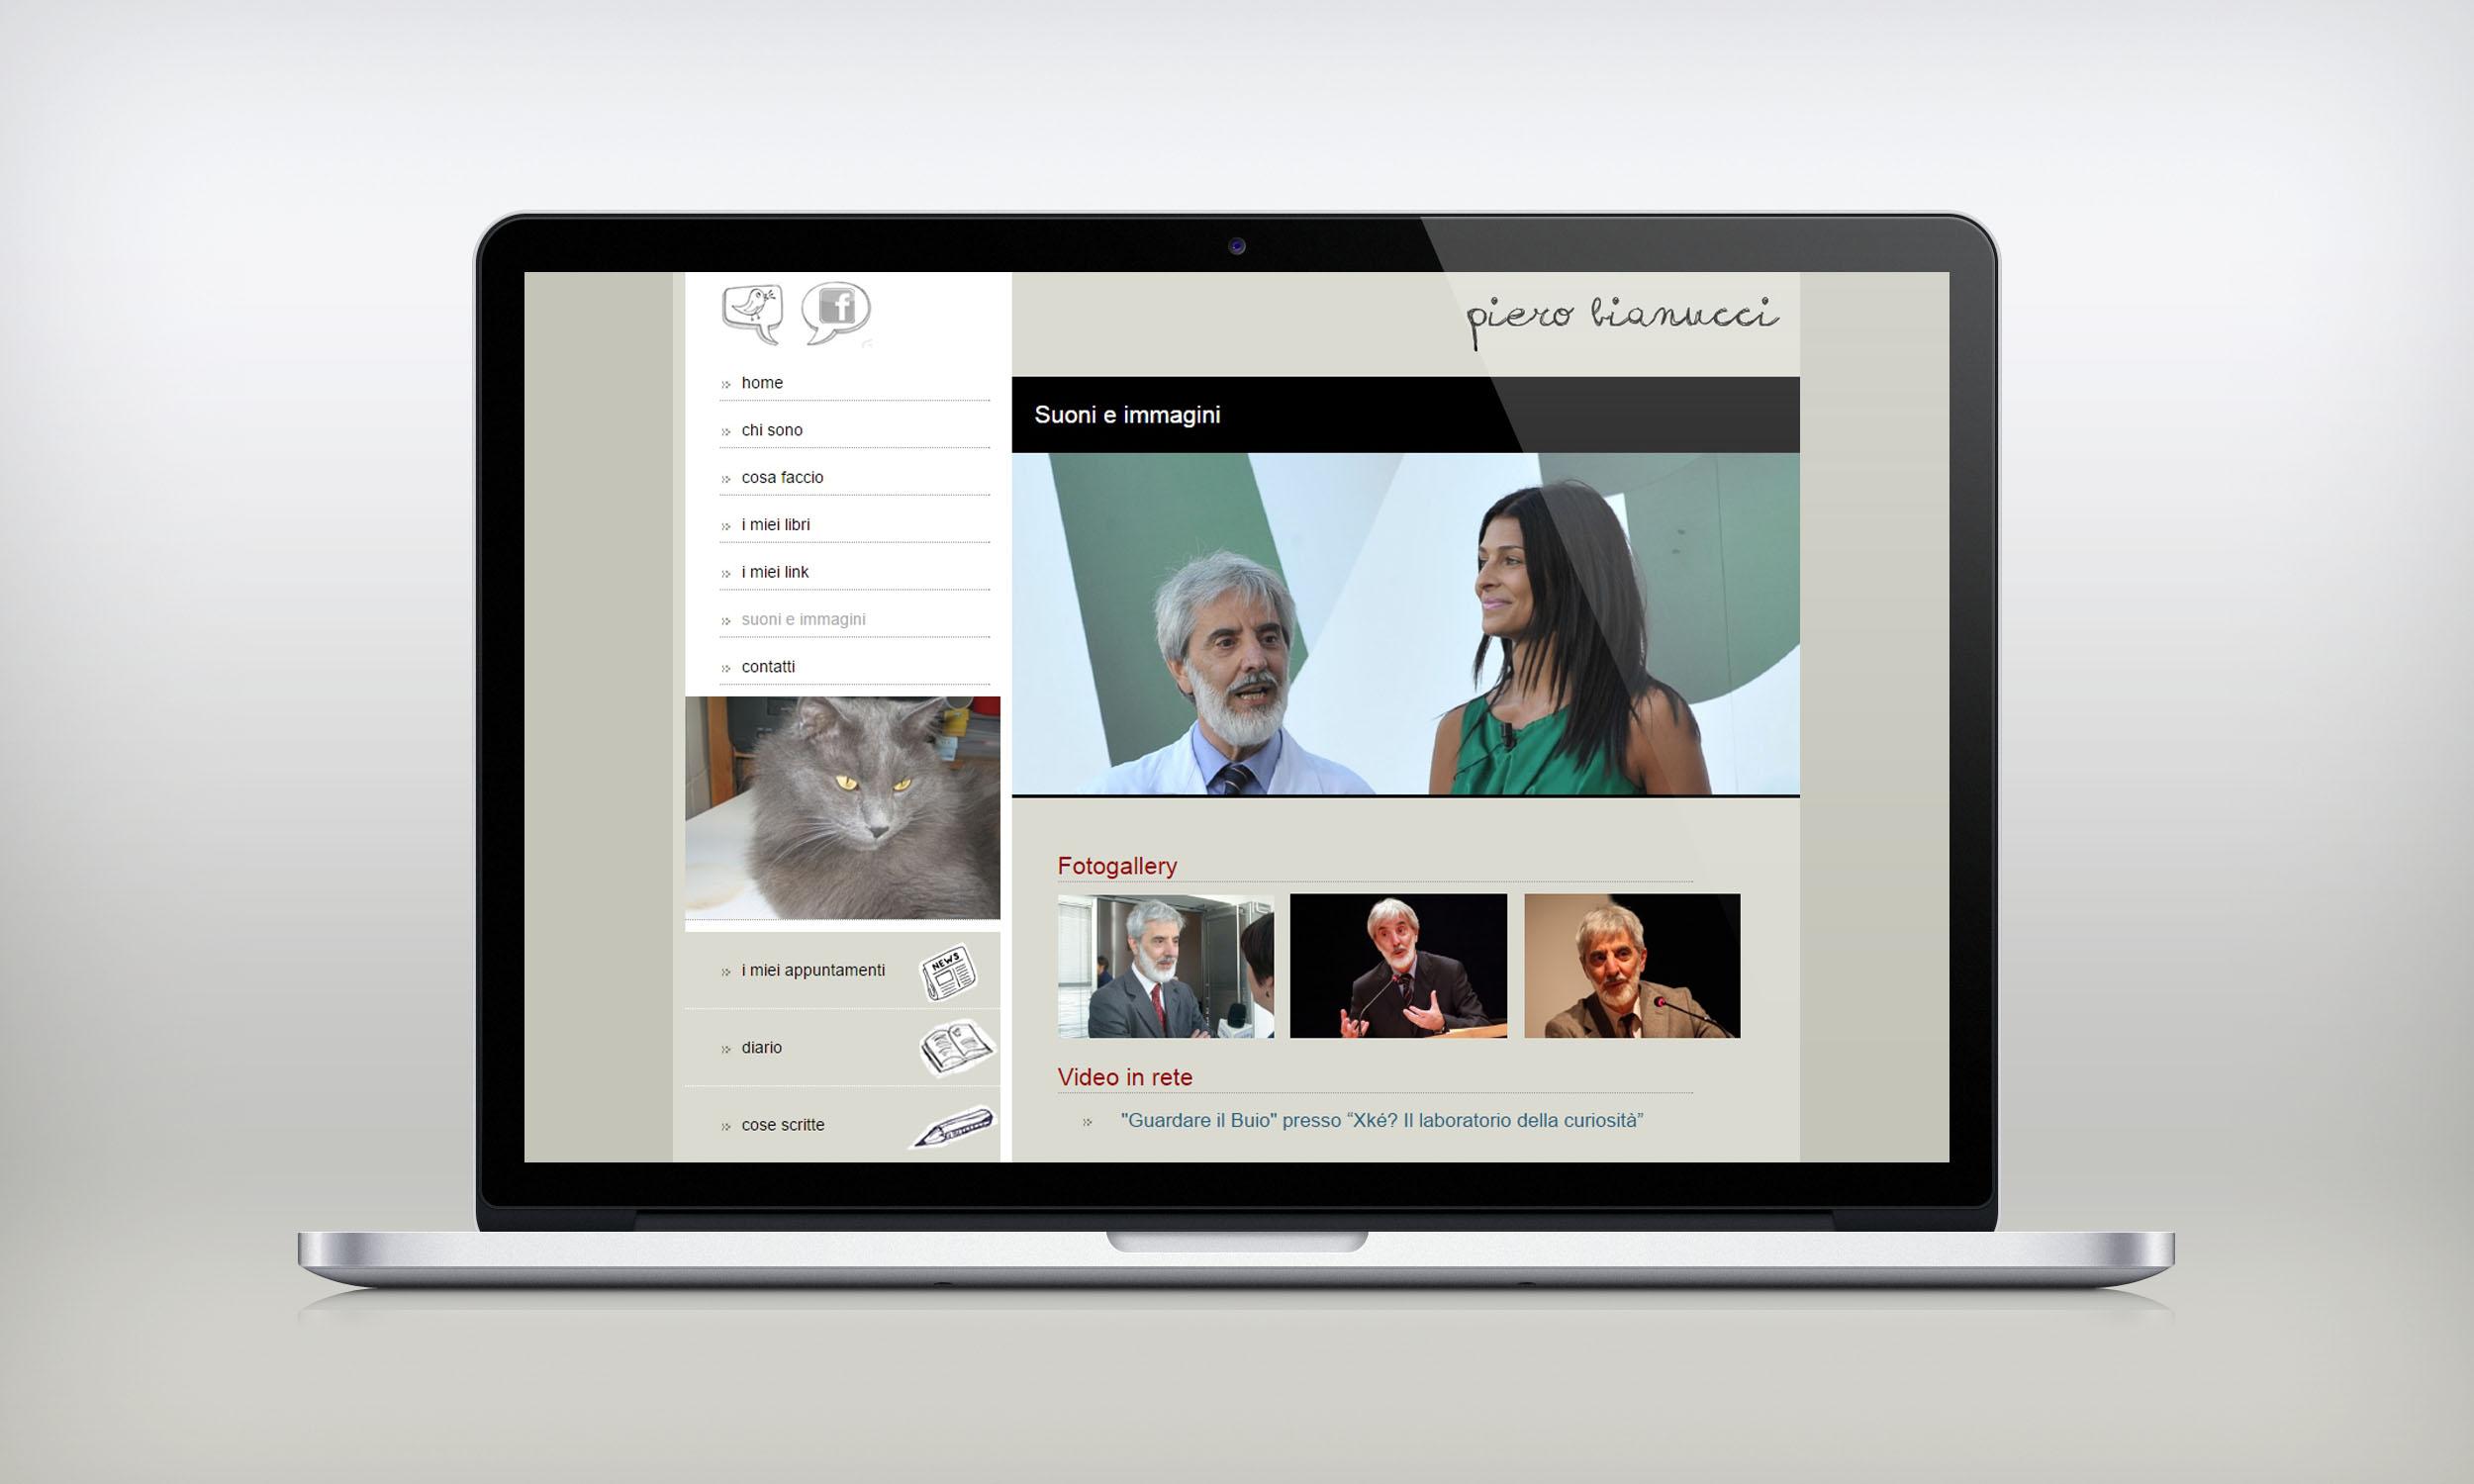 sito web piero bianucci